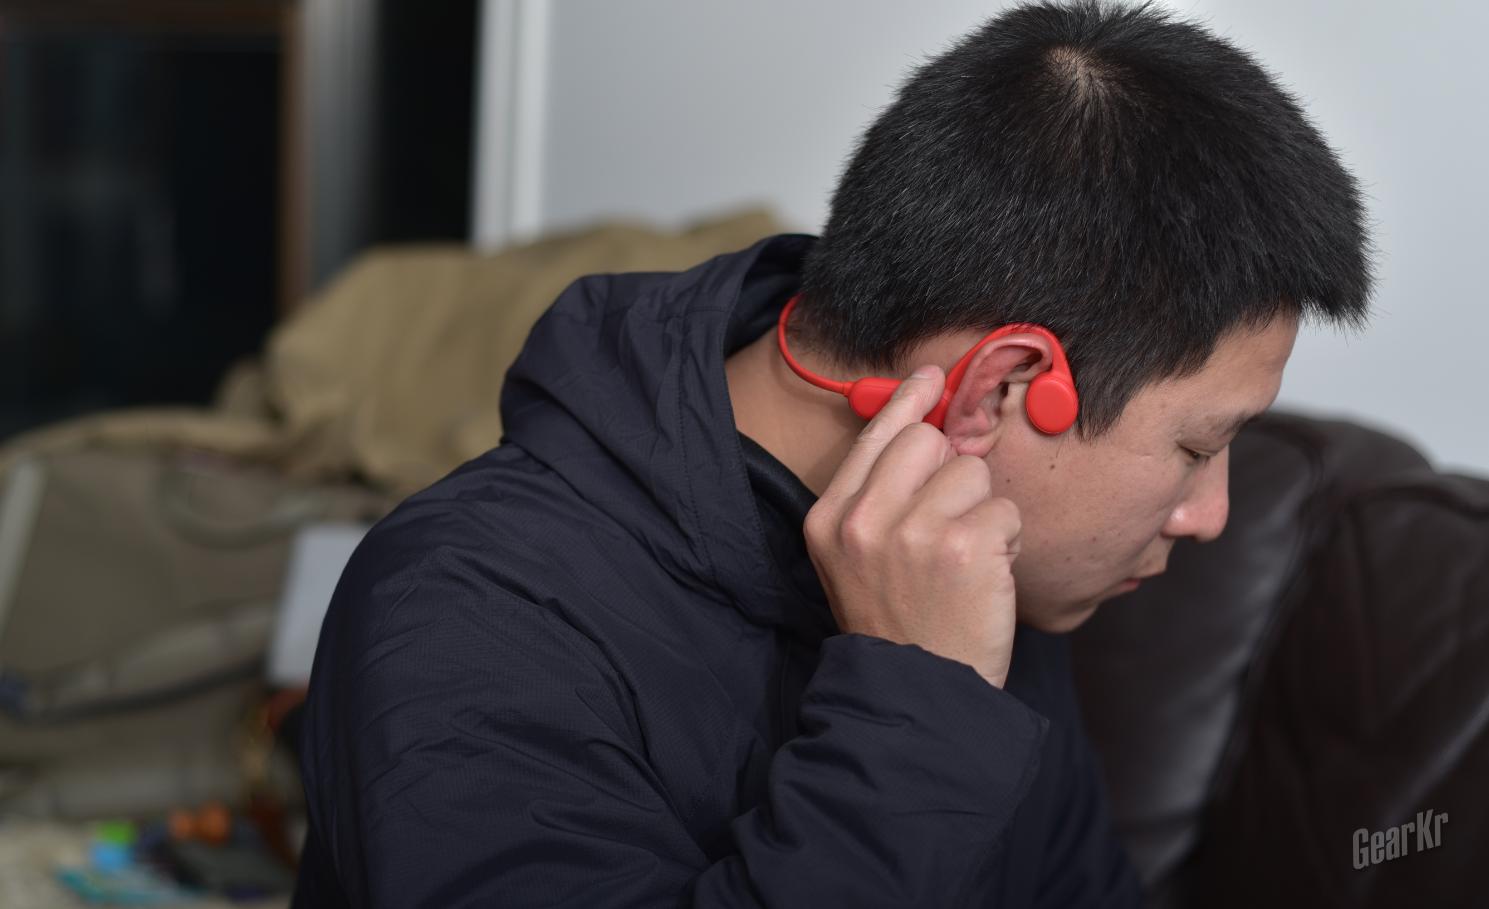 不容错过的运动耳机——南卡NANK Runner Pro体验